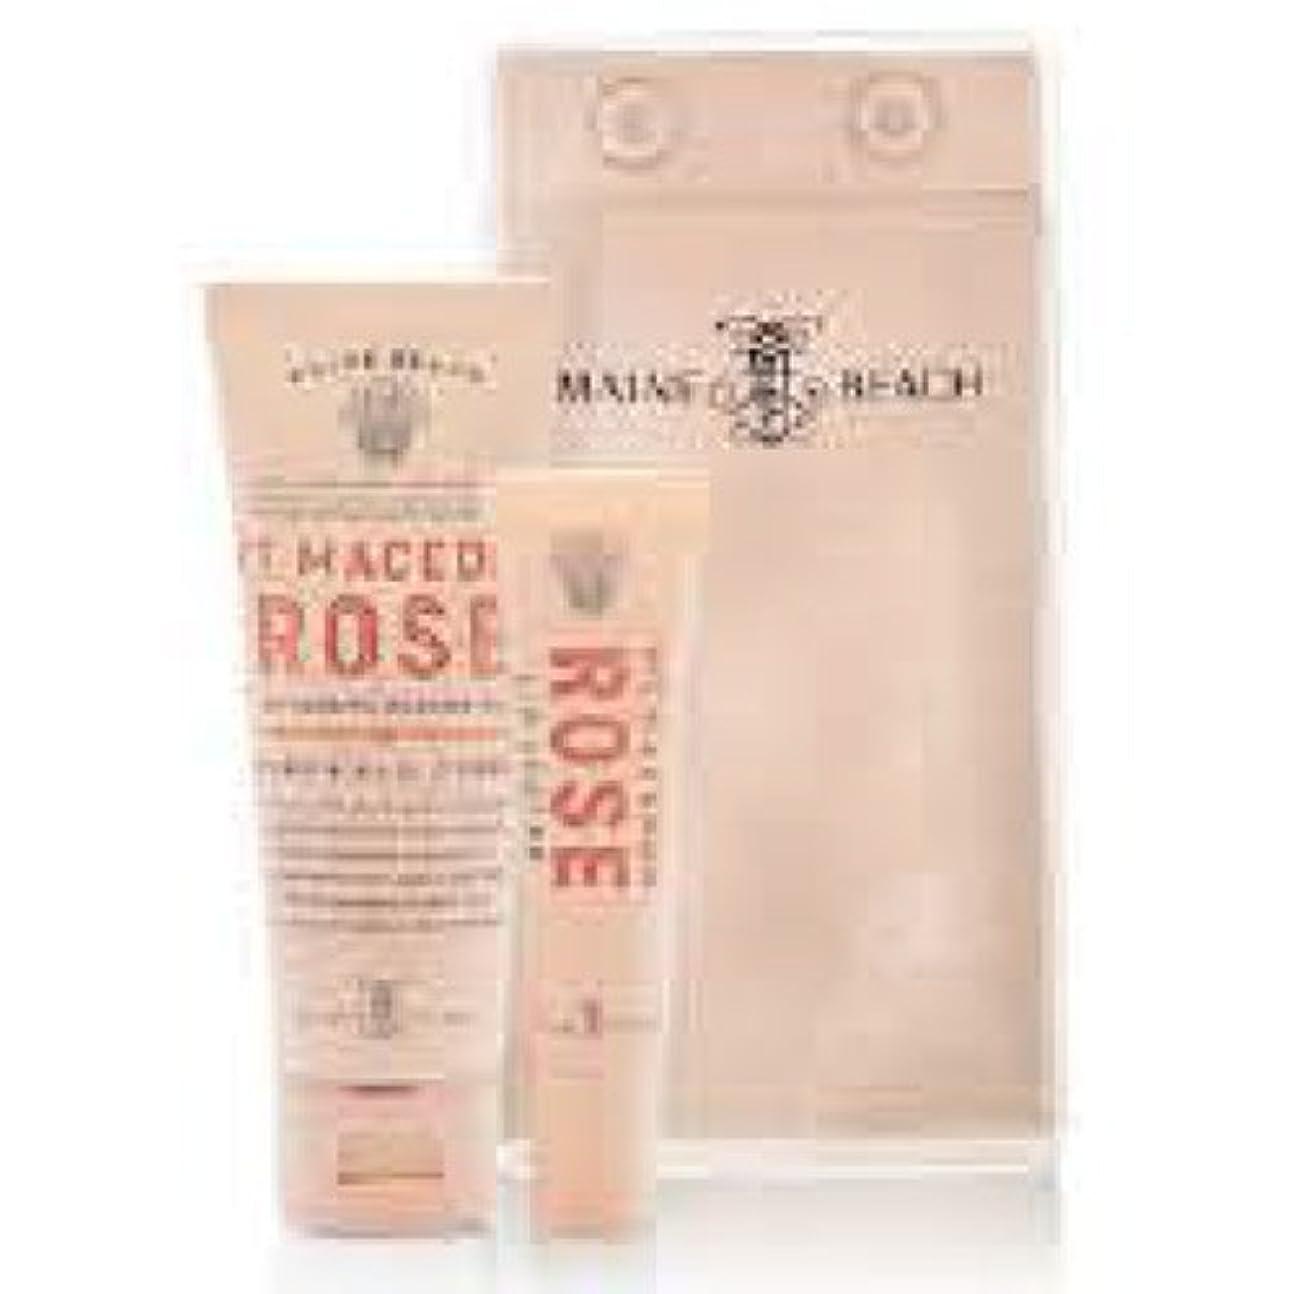 電卓紀元前抽選MAINE BEACH マインビーチ MT MACEDON ROSE マウント マセドン ローズ Essentials DUO Pack